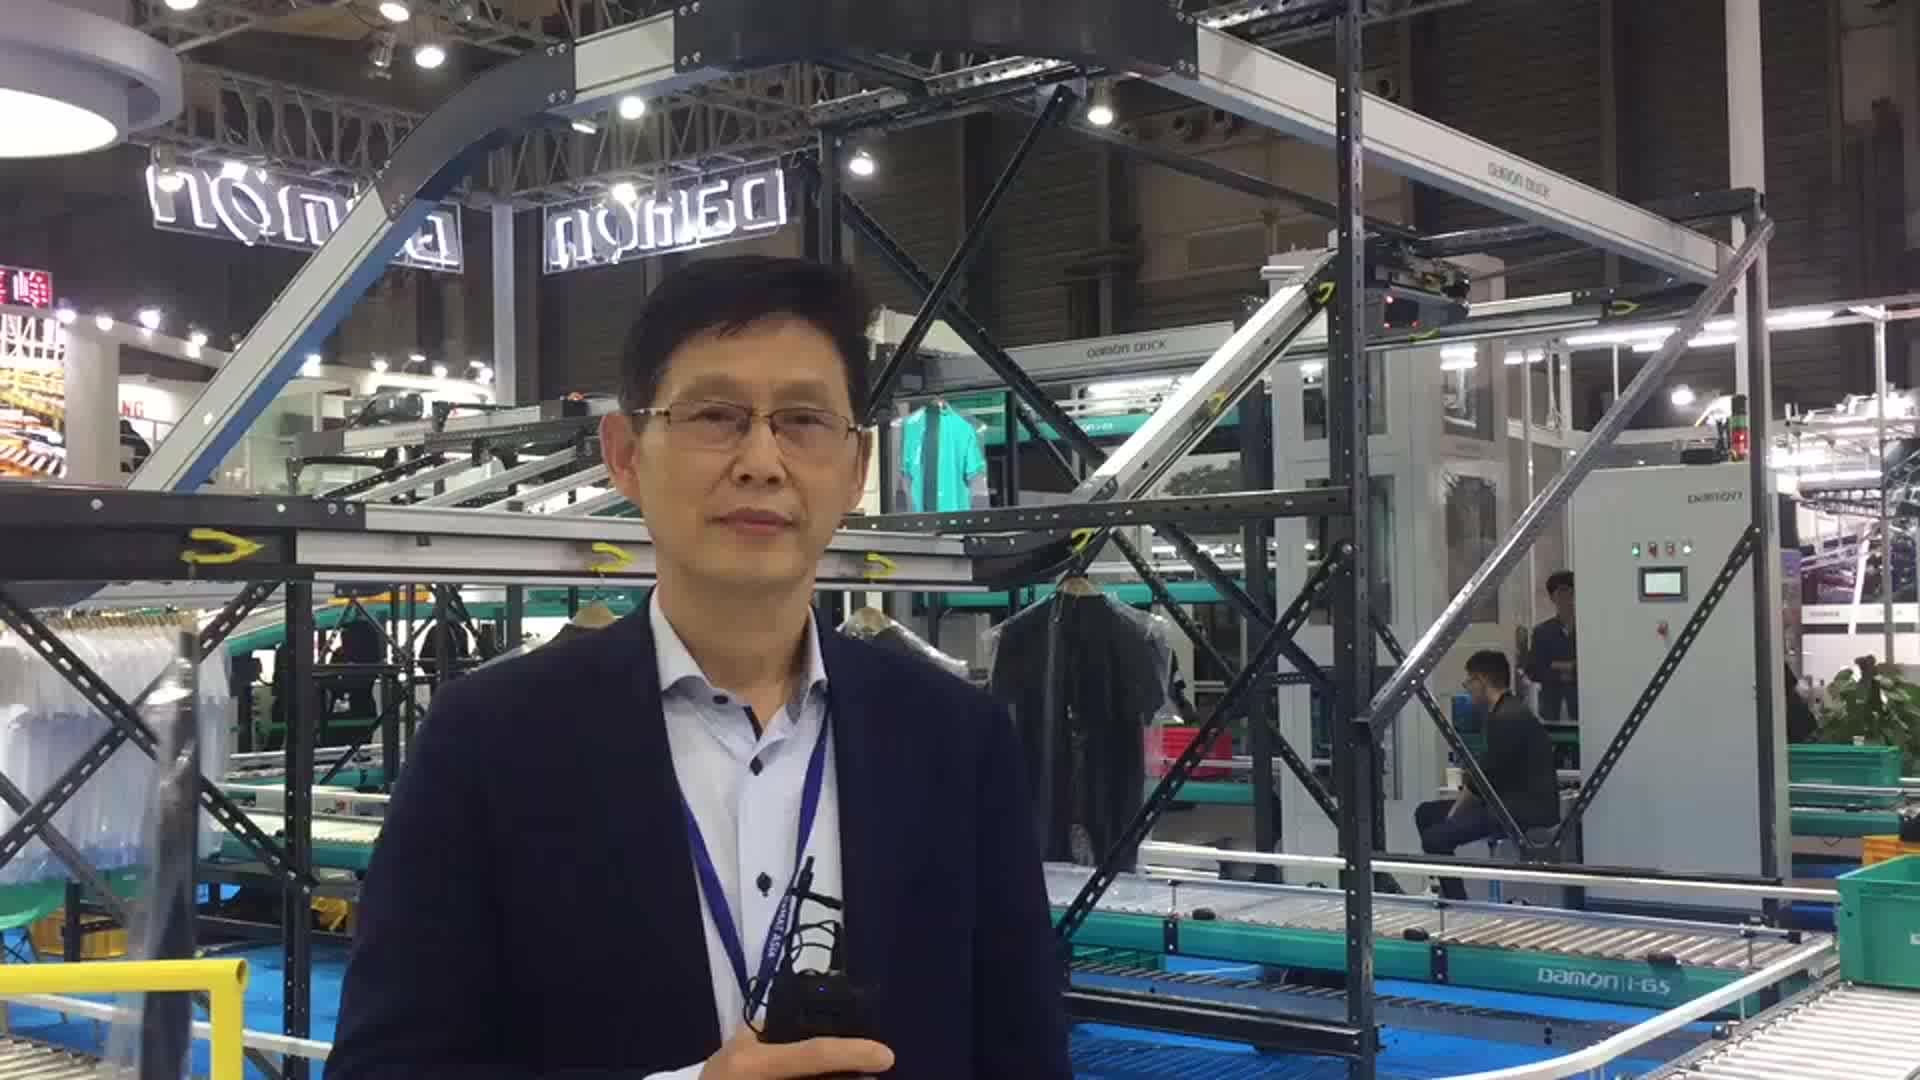 【陆大明先生点评德马】中国机械工程学会副理事长兼秘书长陆大明先生点评德马